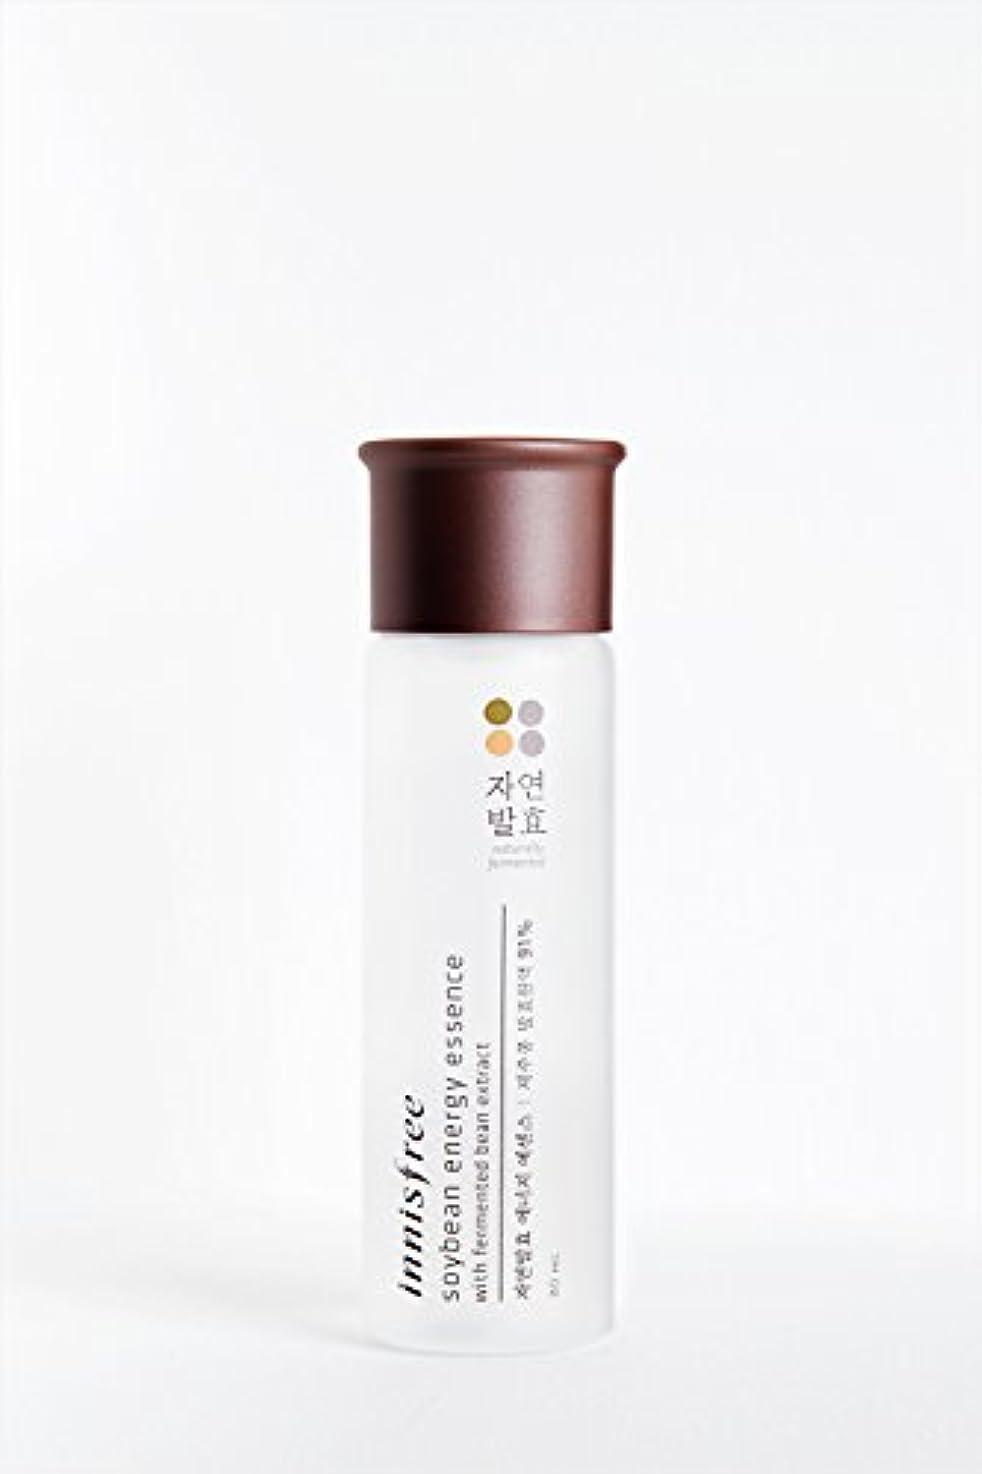 形容詞デコードするきしむ[innisfree(イニスフリー)] Soybean energy essence (150ml) 済州大豆 自然発酵エネルギーエッセンス [並行輸入品][海外直送品]